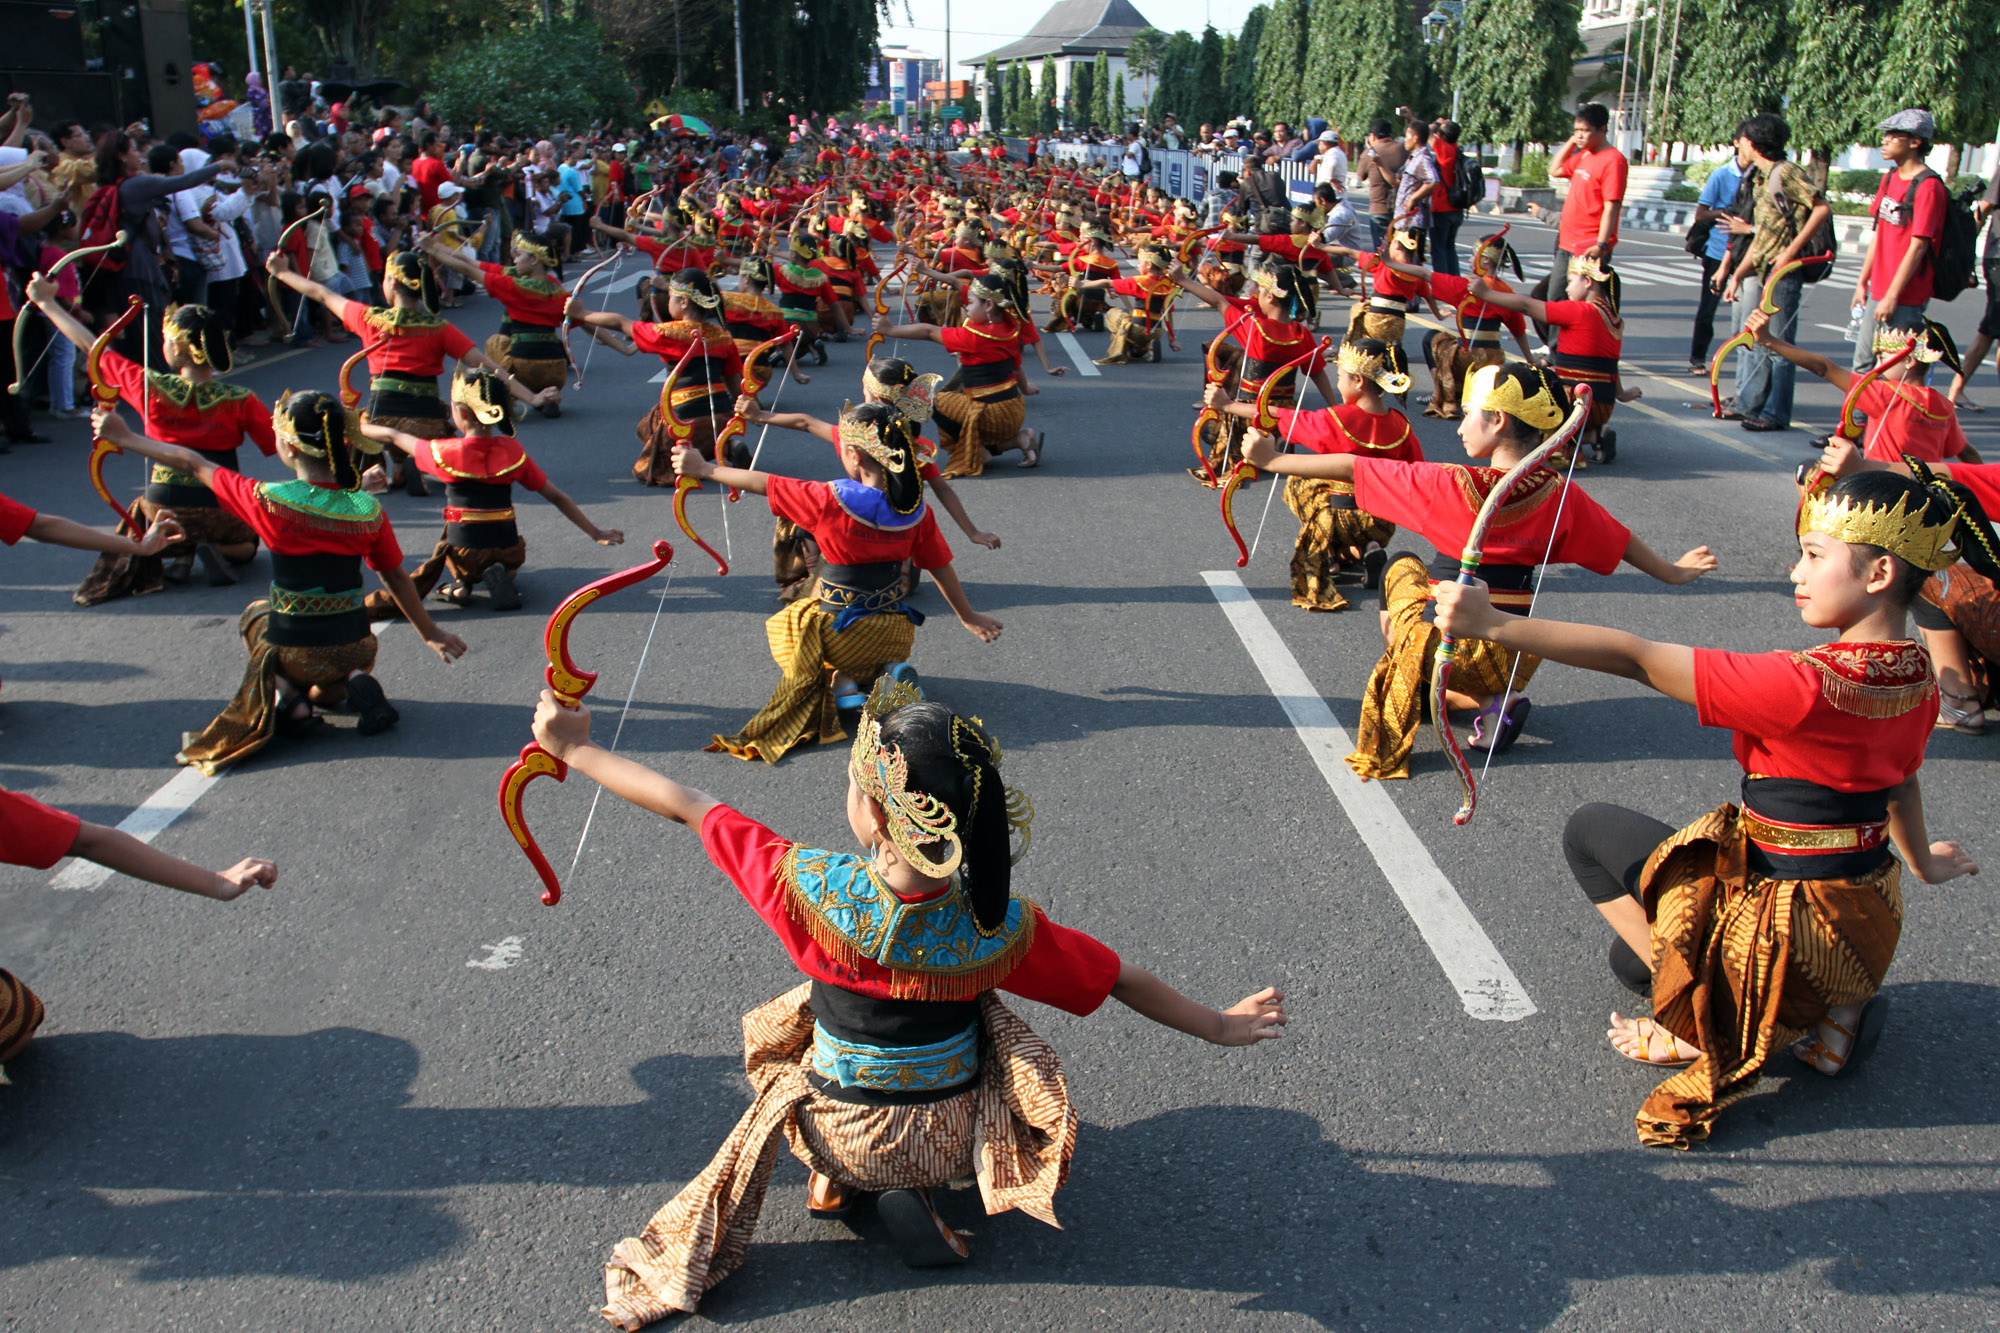 Menari 24 jam, tradisi Kota Solo tiap 29 April